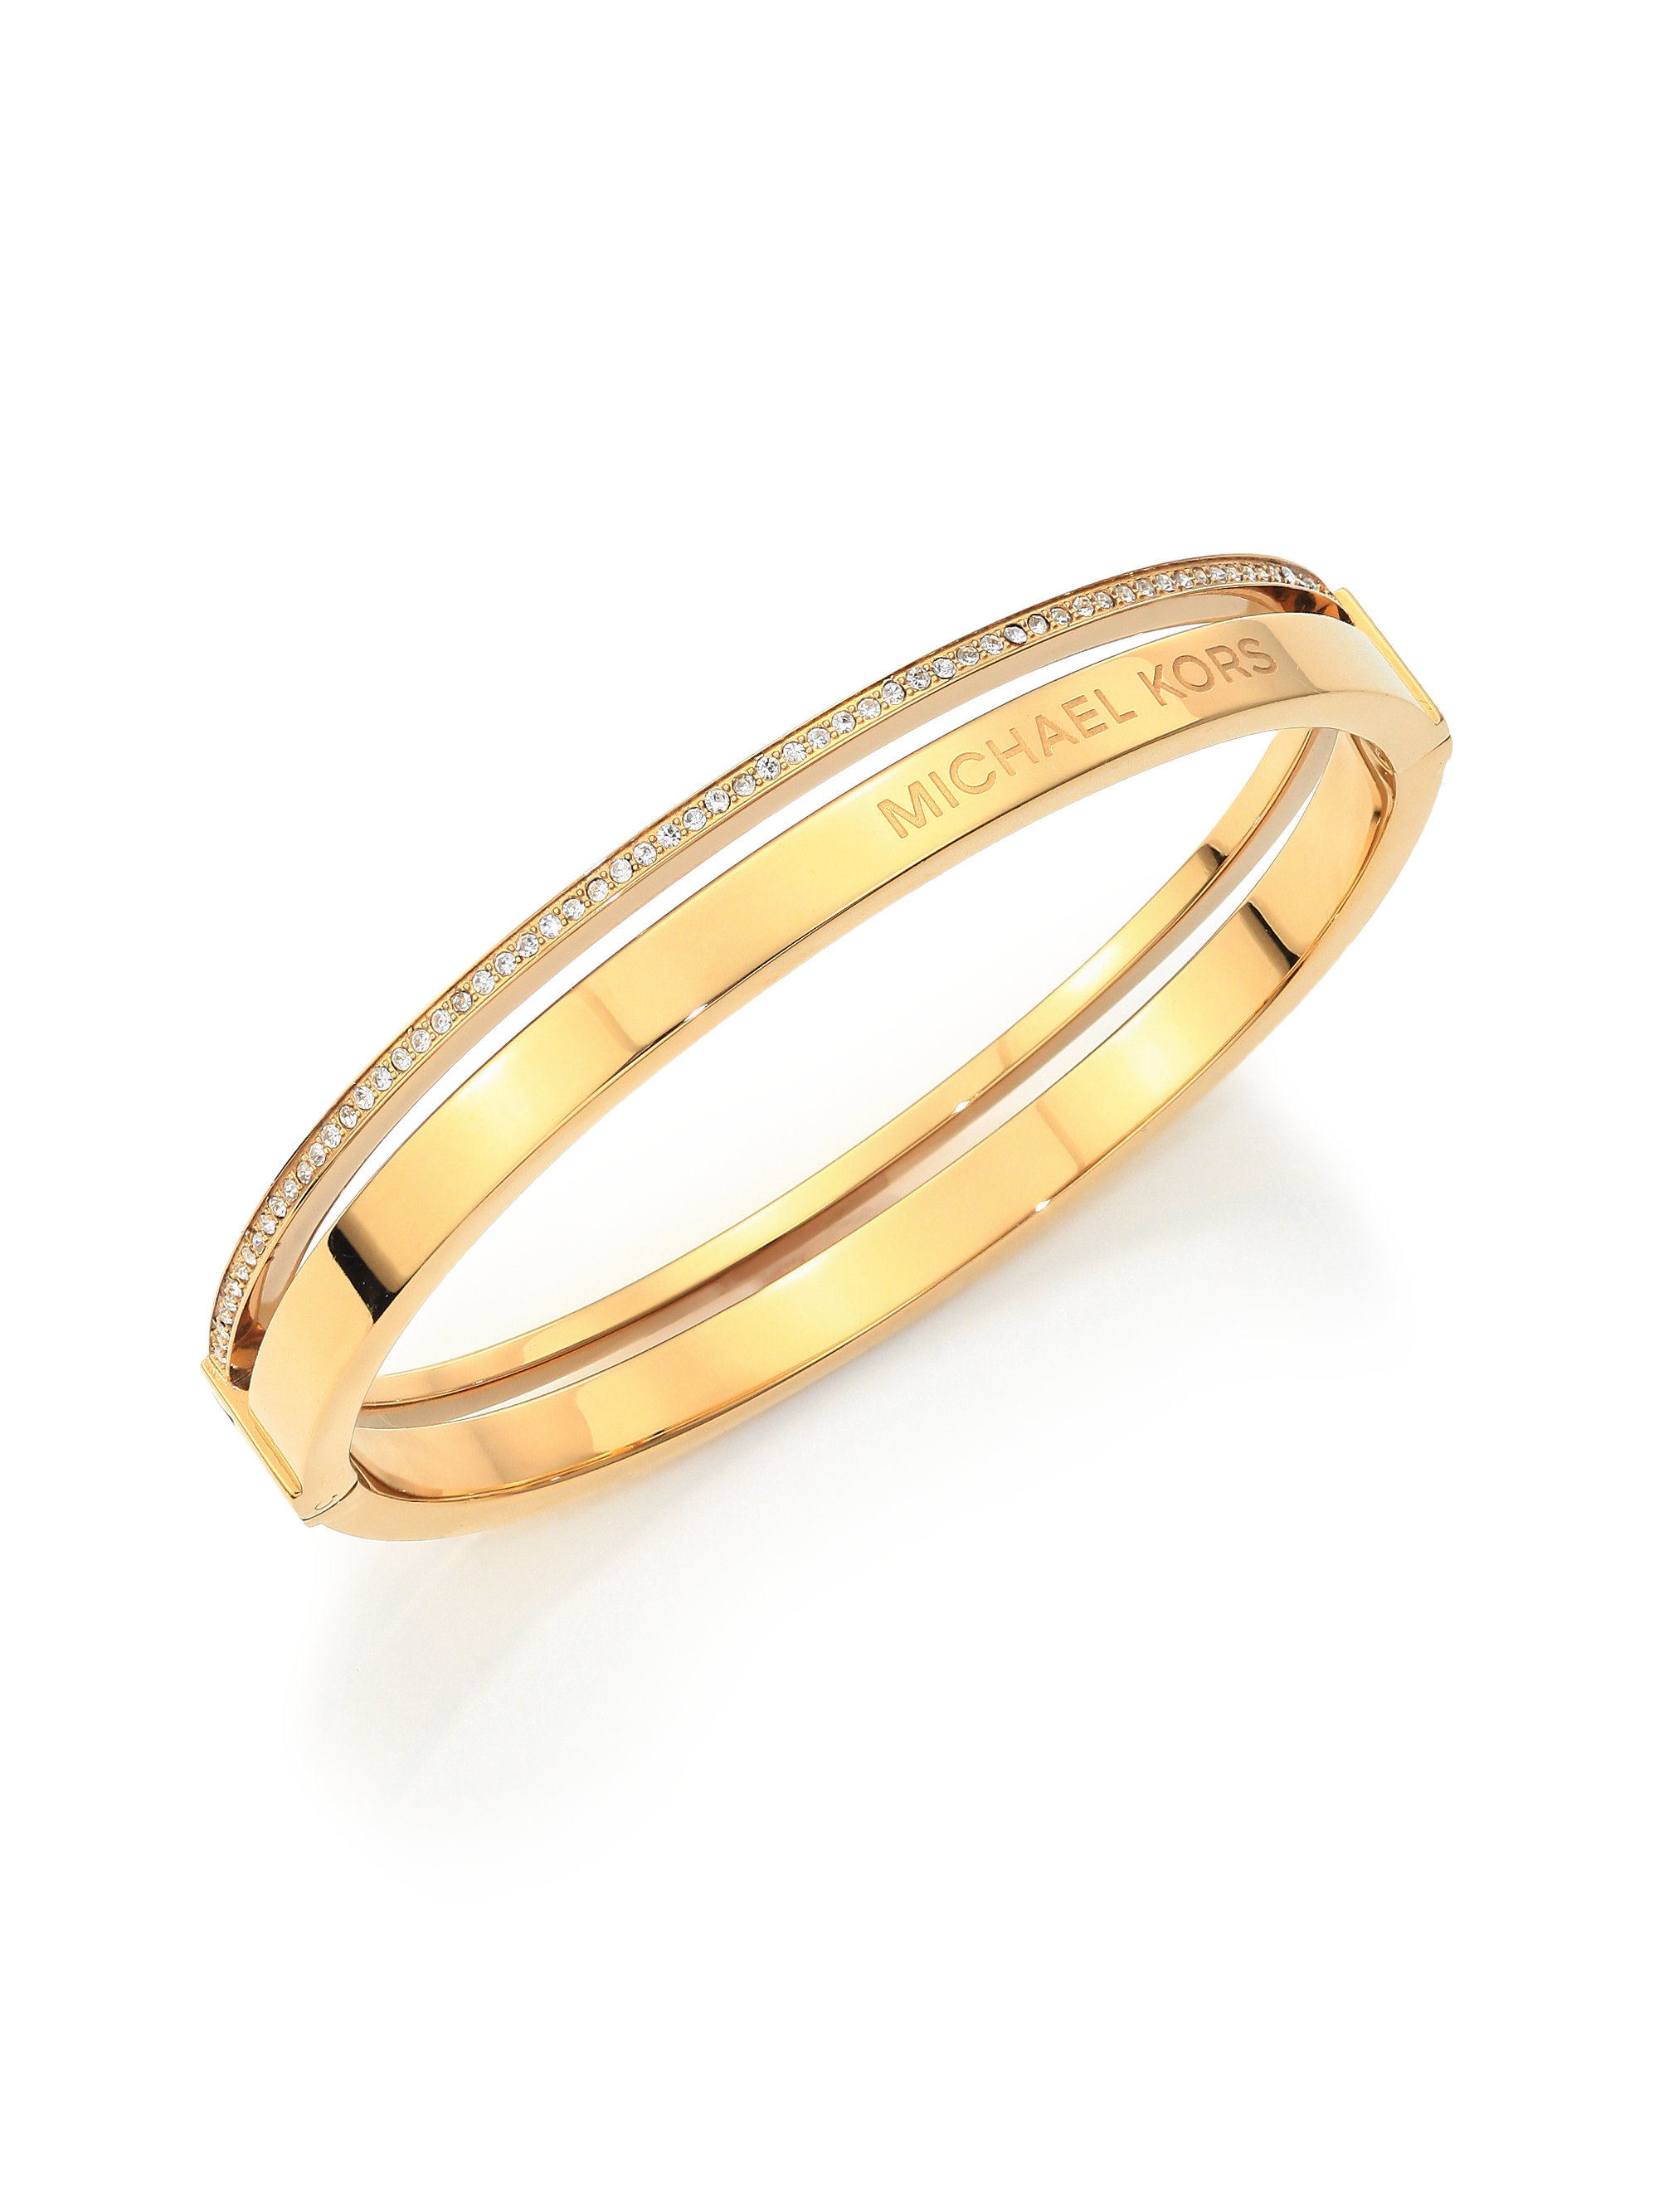 michael kors pav two row bangle bracelet goldtone in. Black Bedroom Furniture Sets. Home Design Ideas